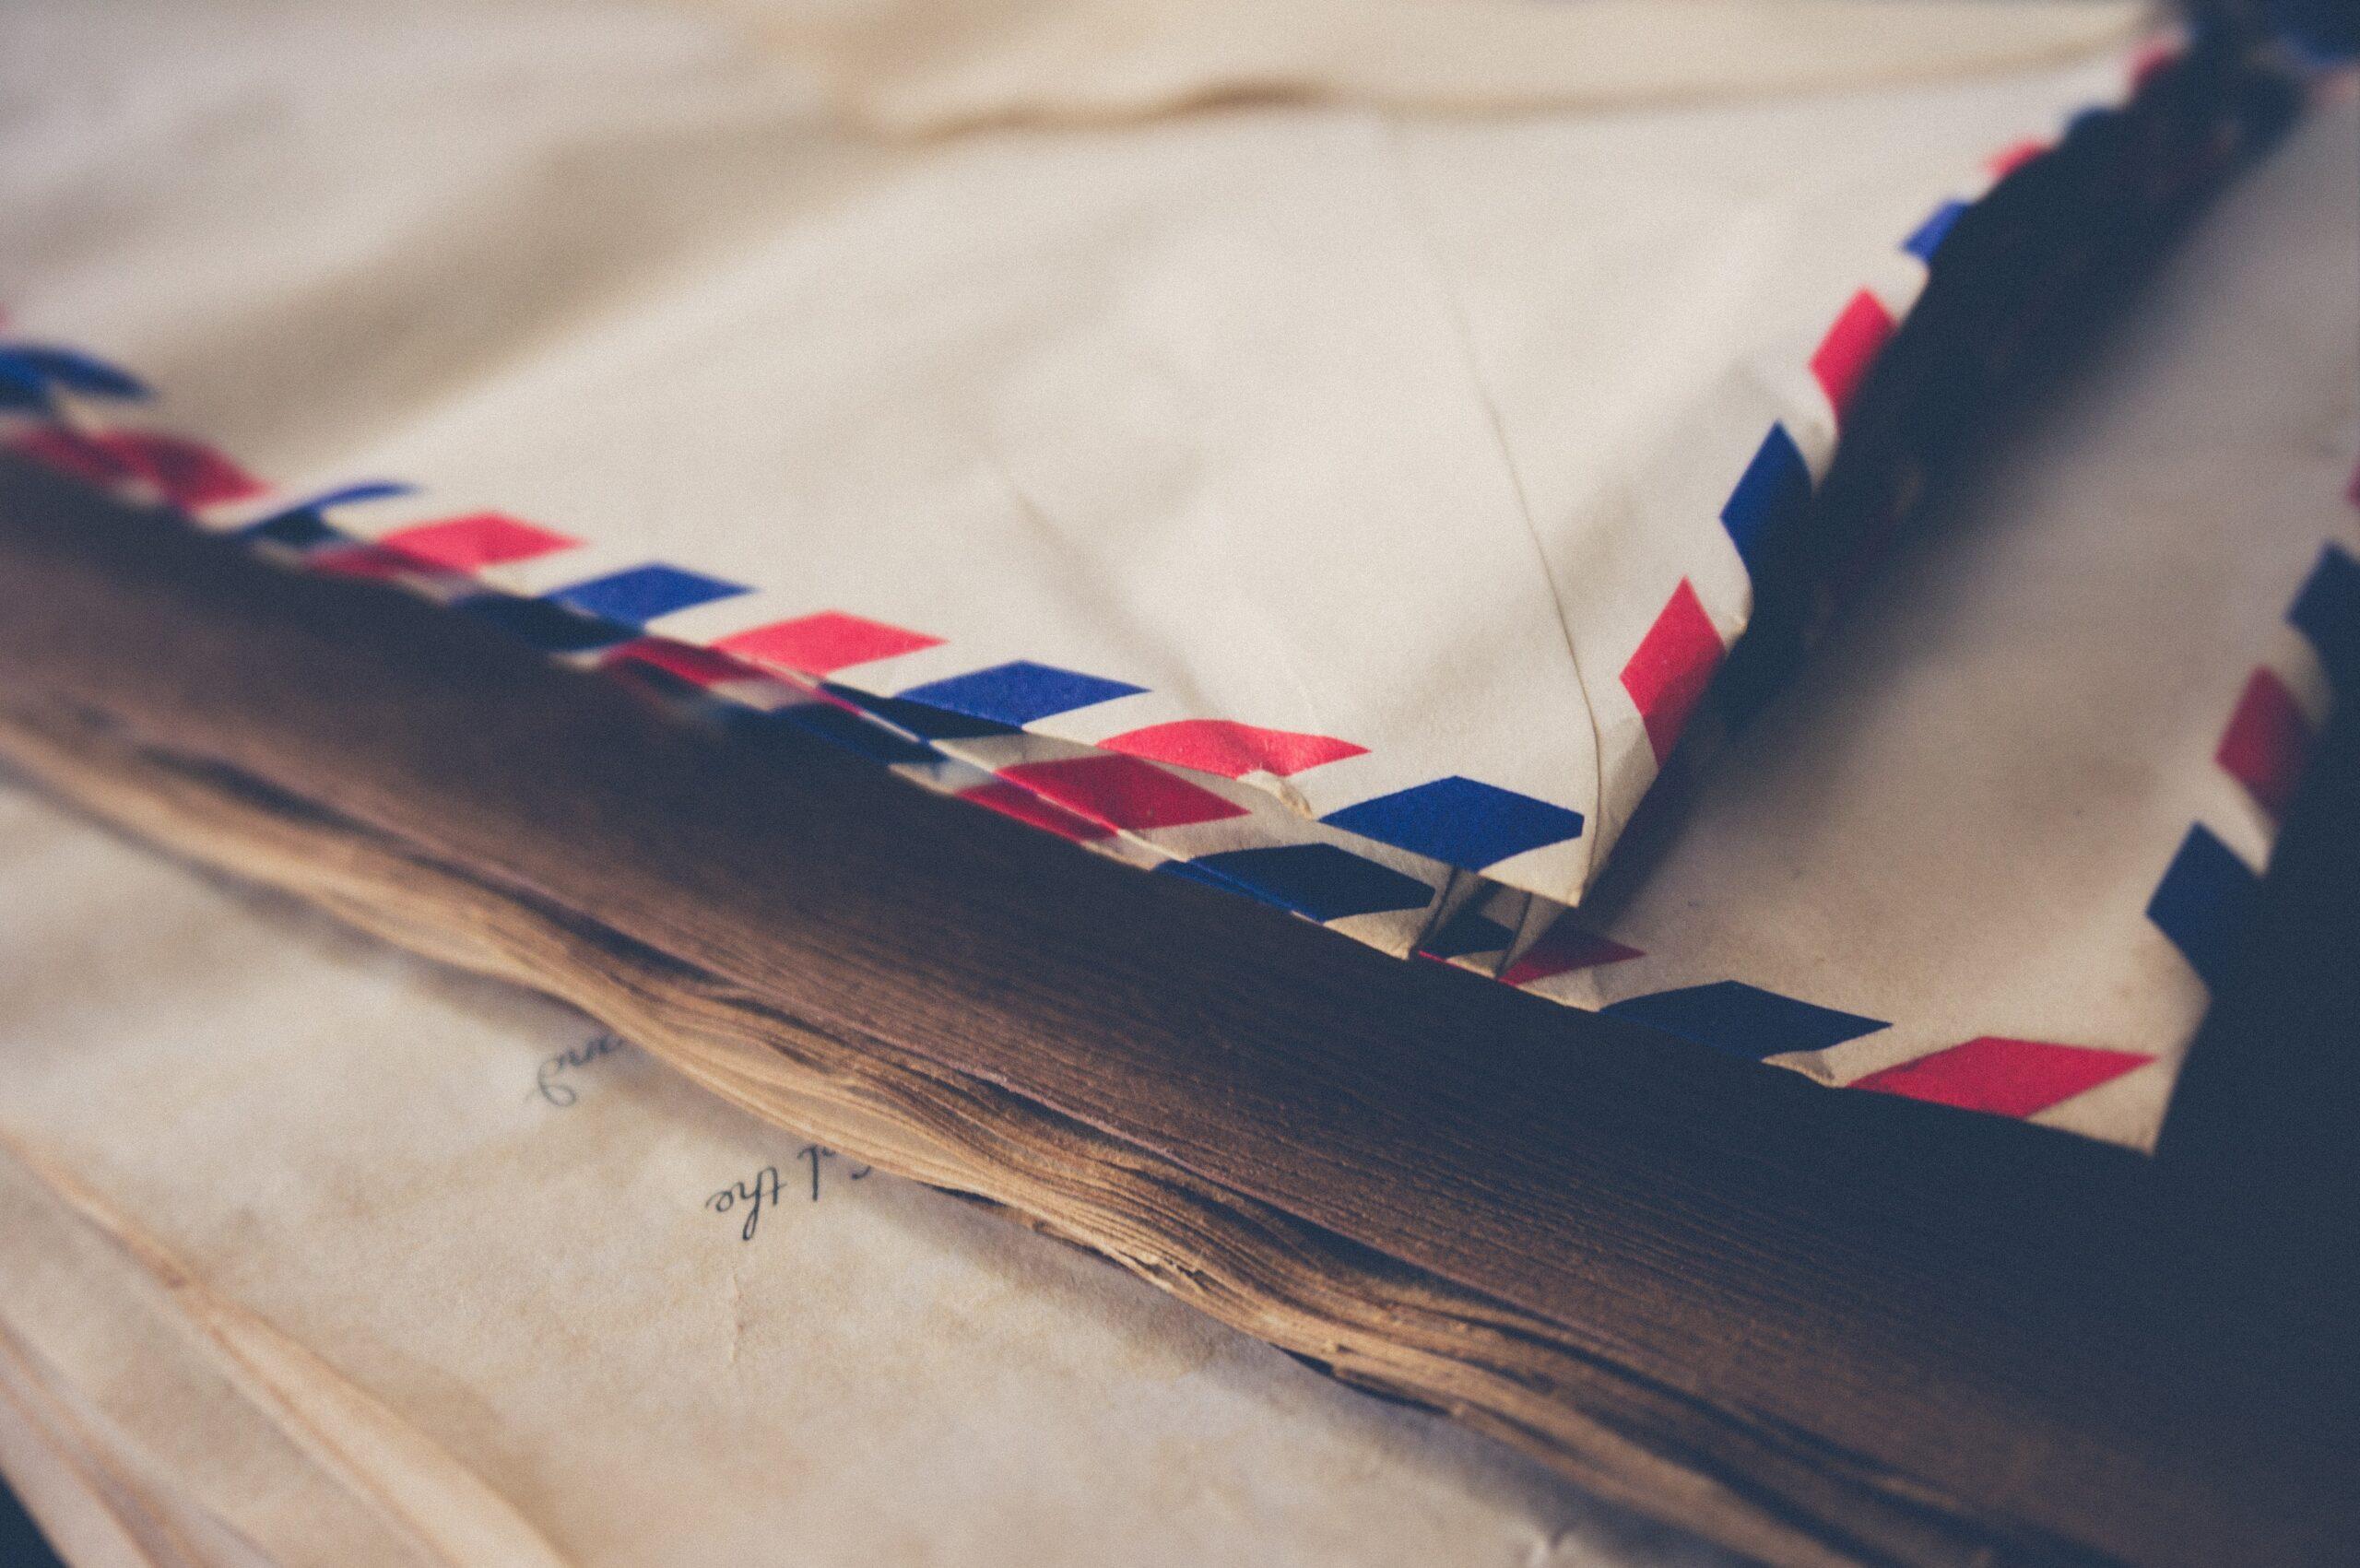 訂正記事:ファンレター送信手段は消滅していません